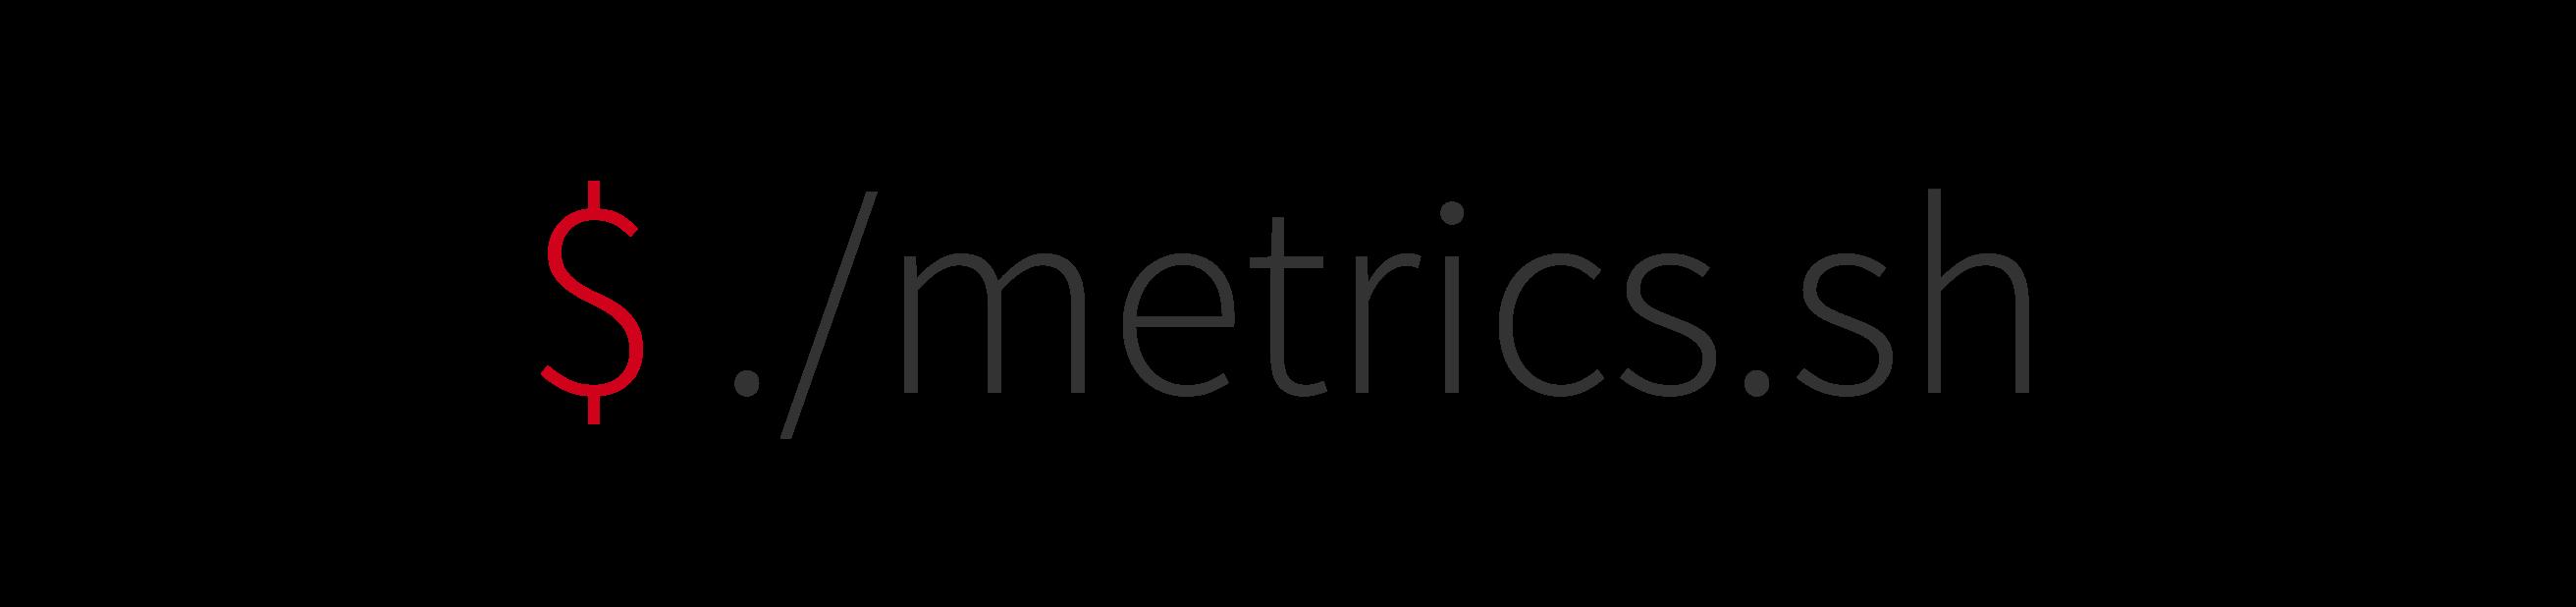 metrics.sh